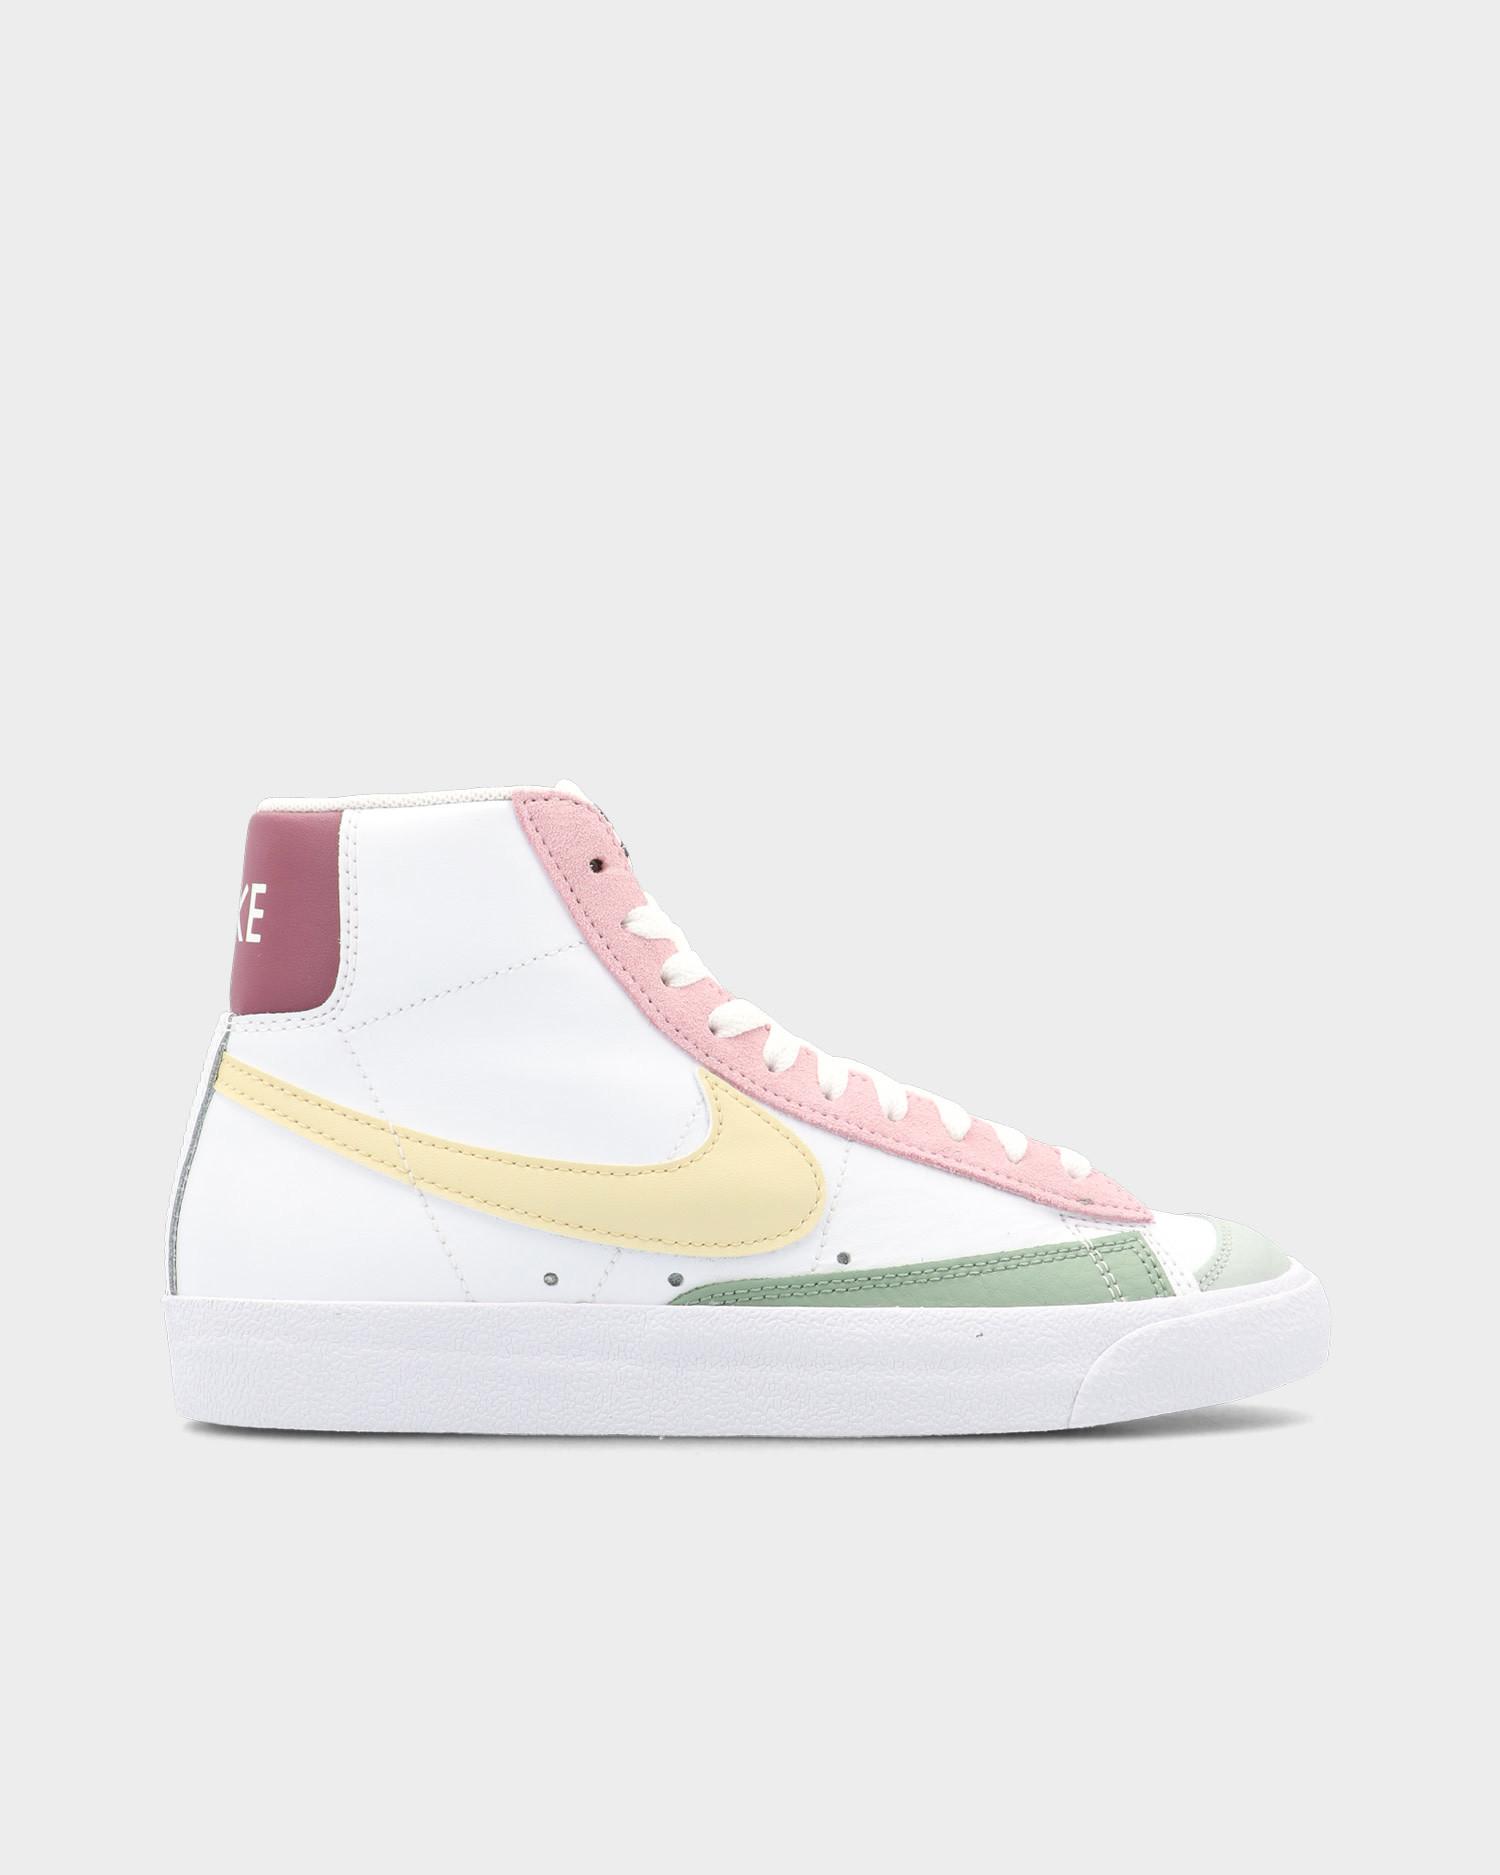 Nike Blazer Mid '77 White/Lemon Drop/Regal Pink